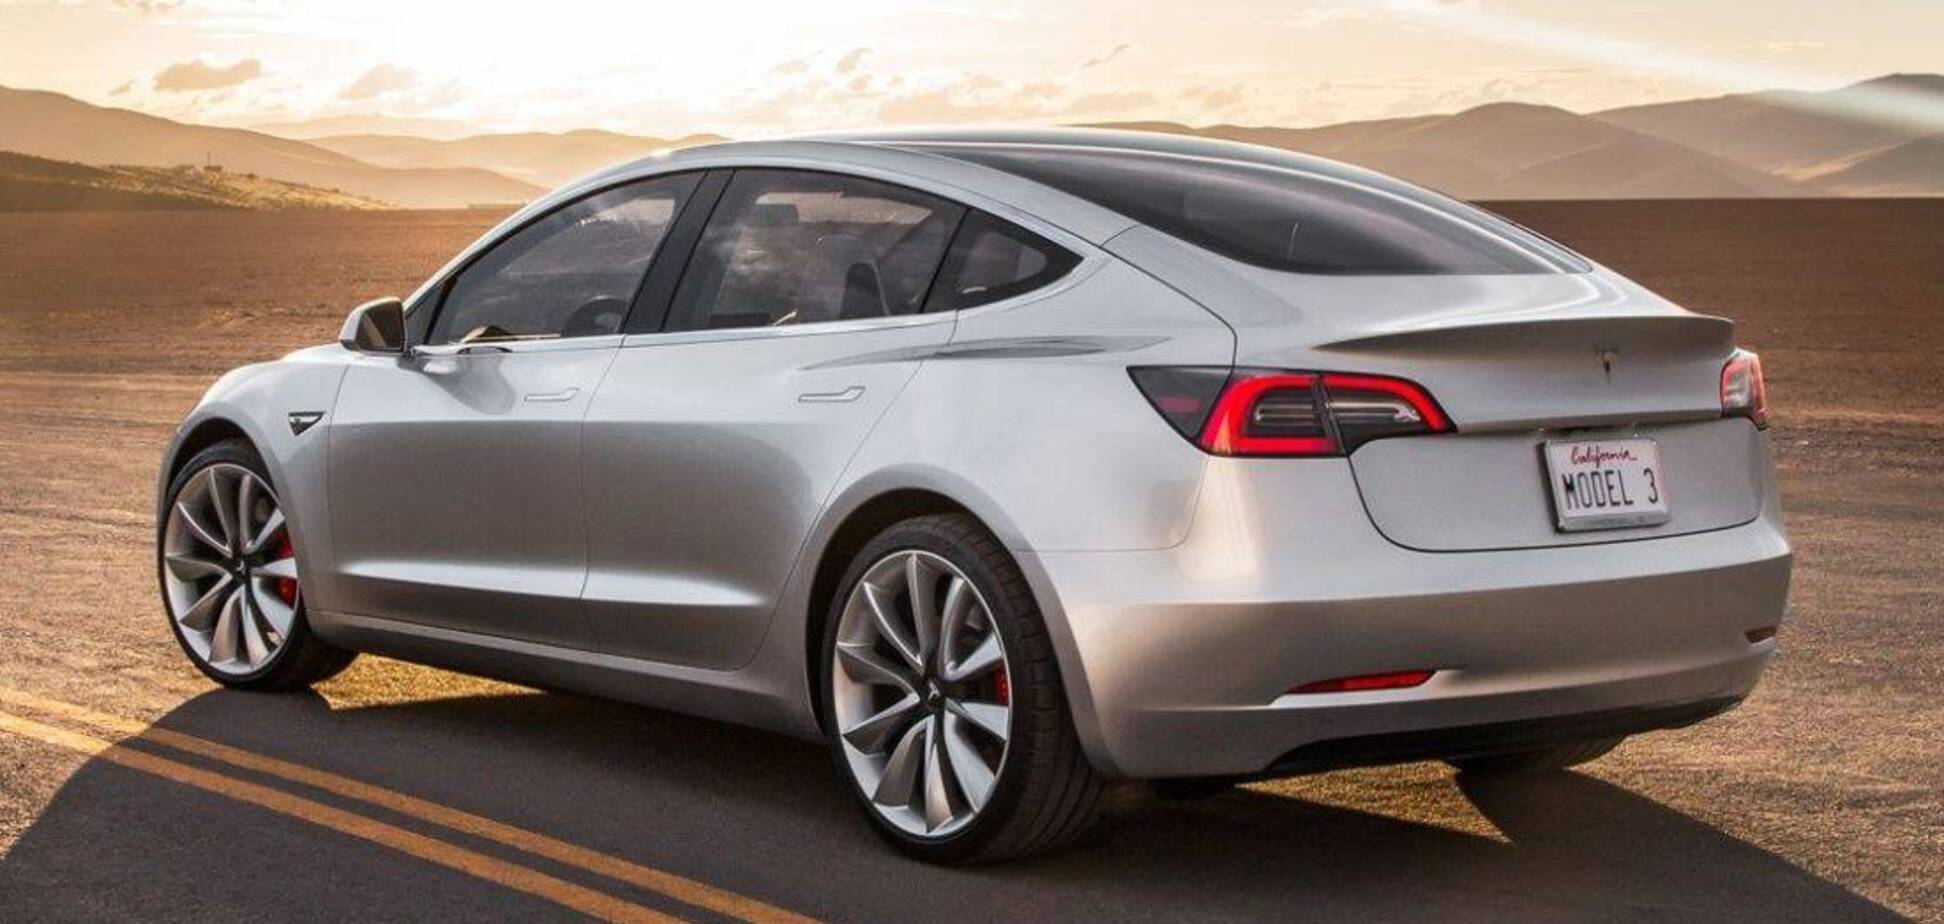 Електромобілі Тесла задовольняють власників більше за інші авто. Фото: autolifttech.net